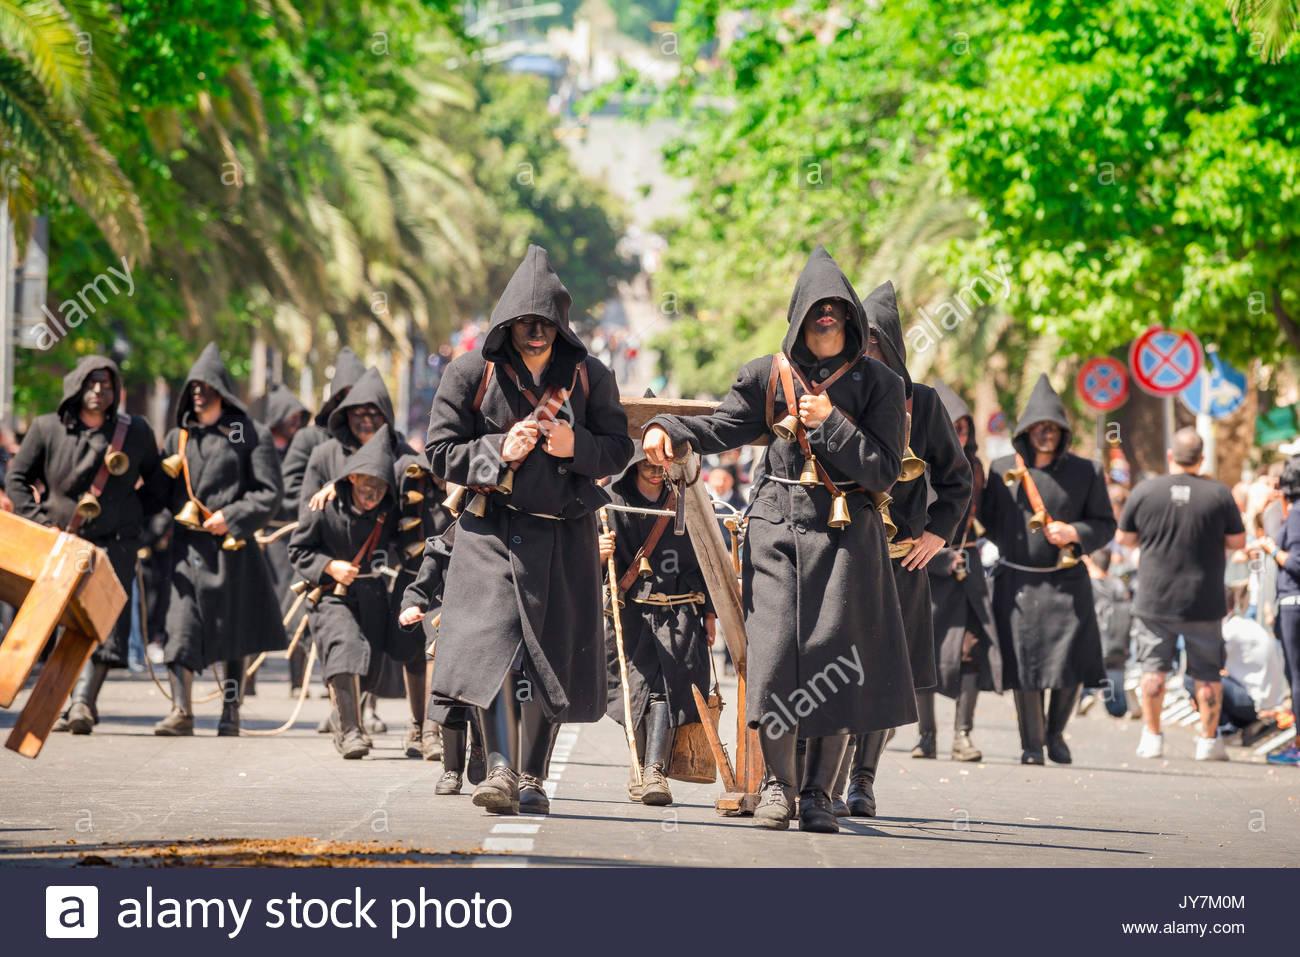 """Festival de la Sardaigne, la procession du Thurpos ou """"borgnes"""" pendant la grande parade de la Cavalcata Sarda festival à Sassari, Sardaigne. Photo Stock"""